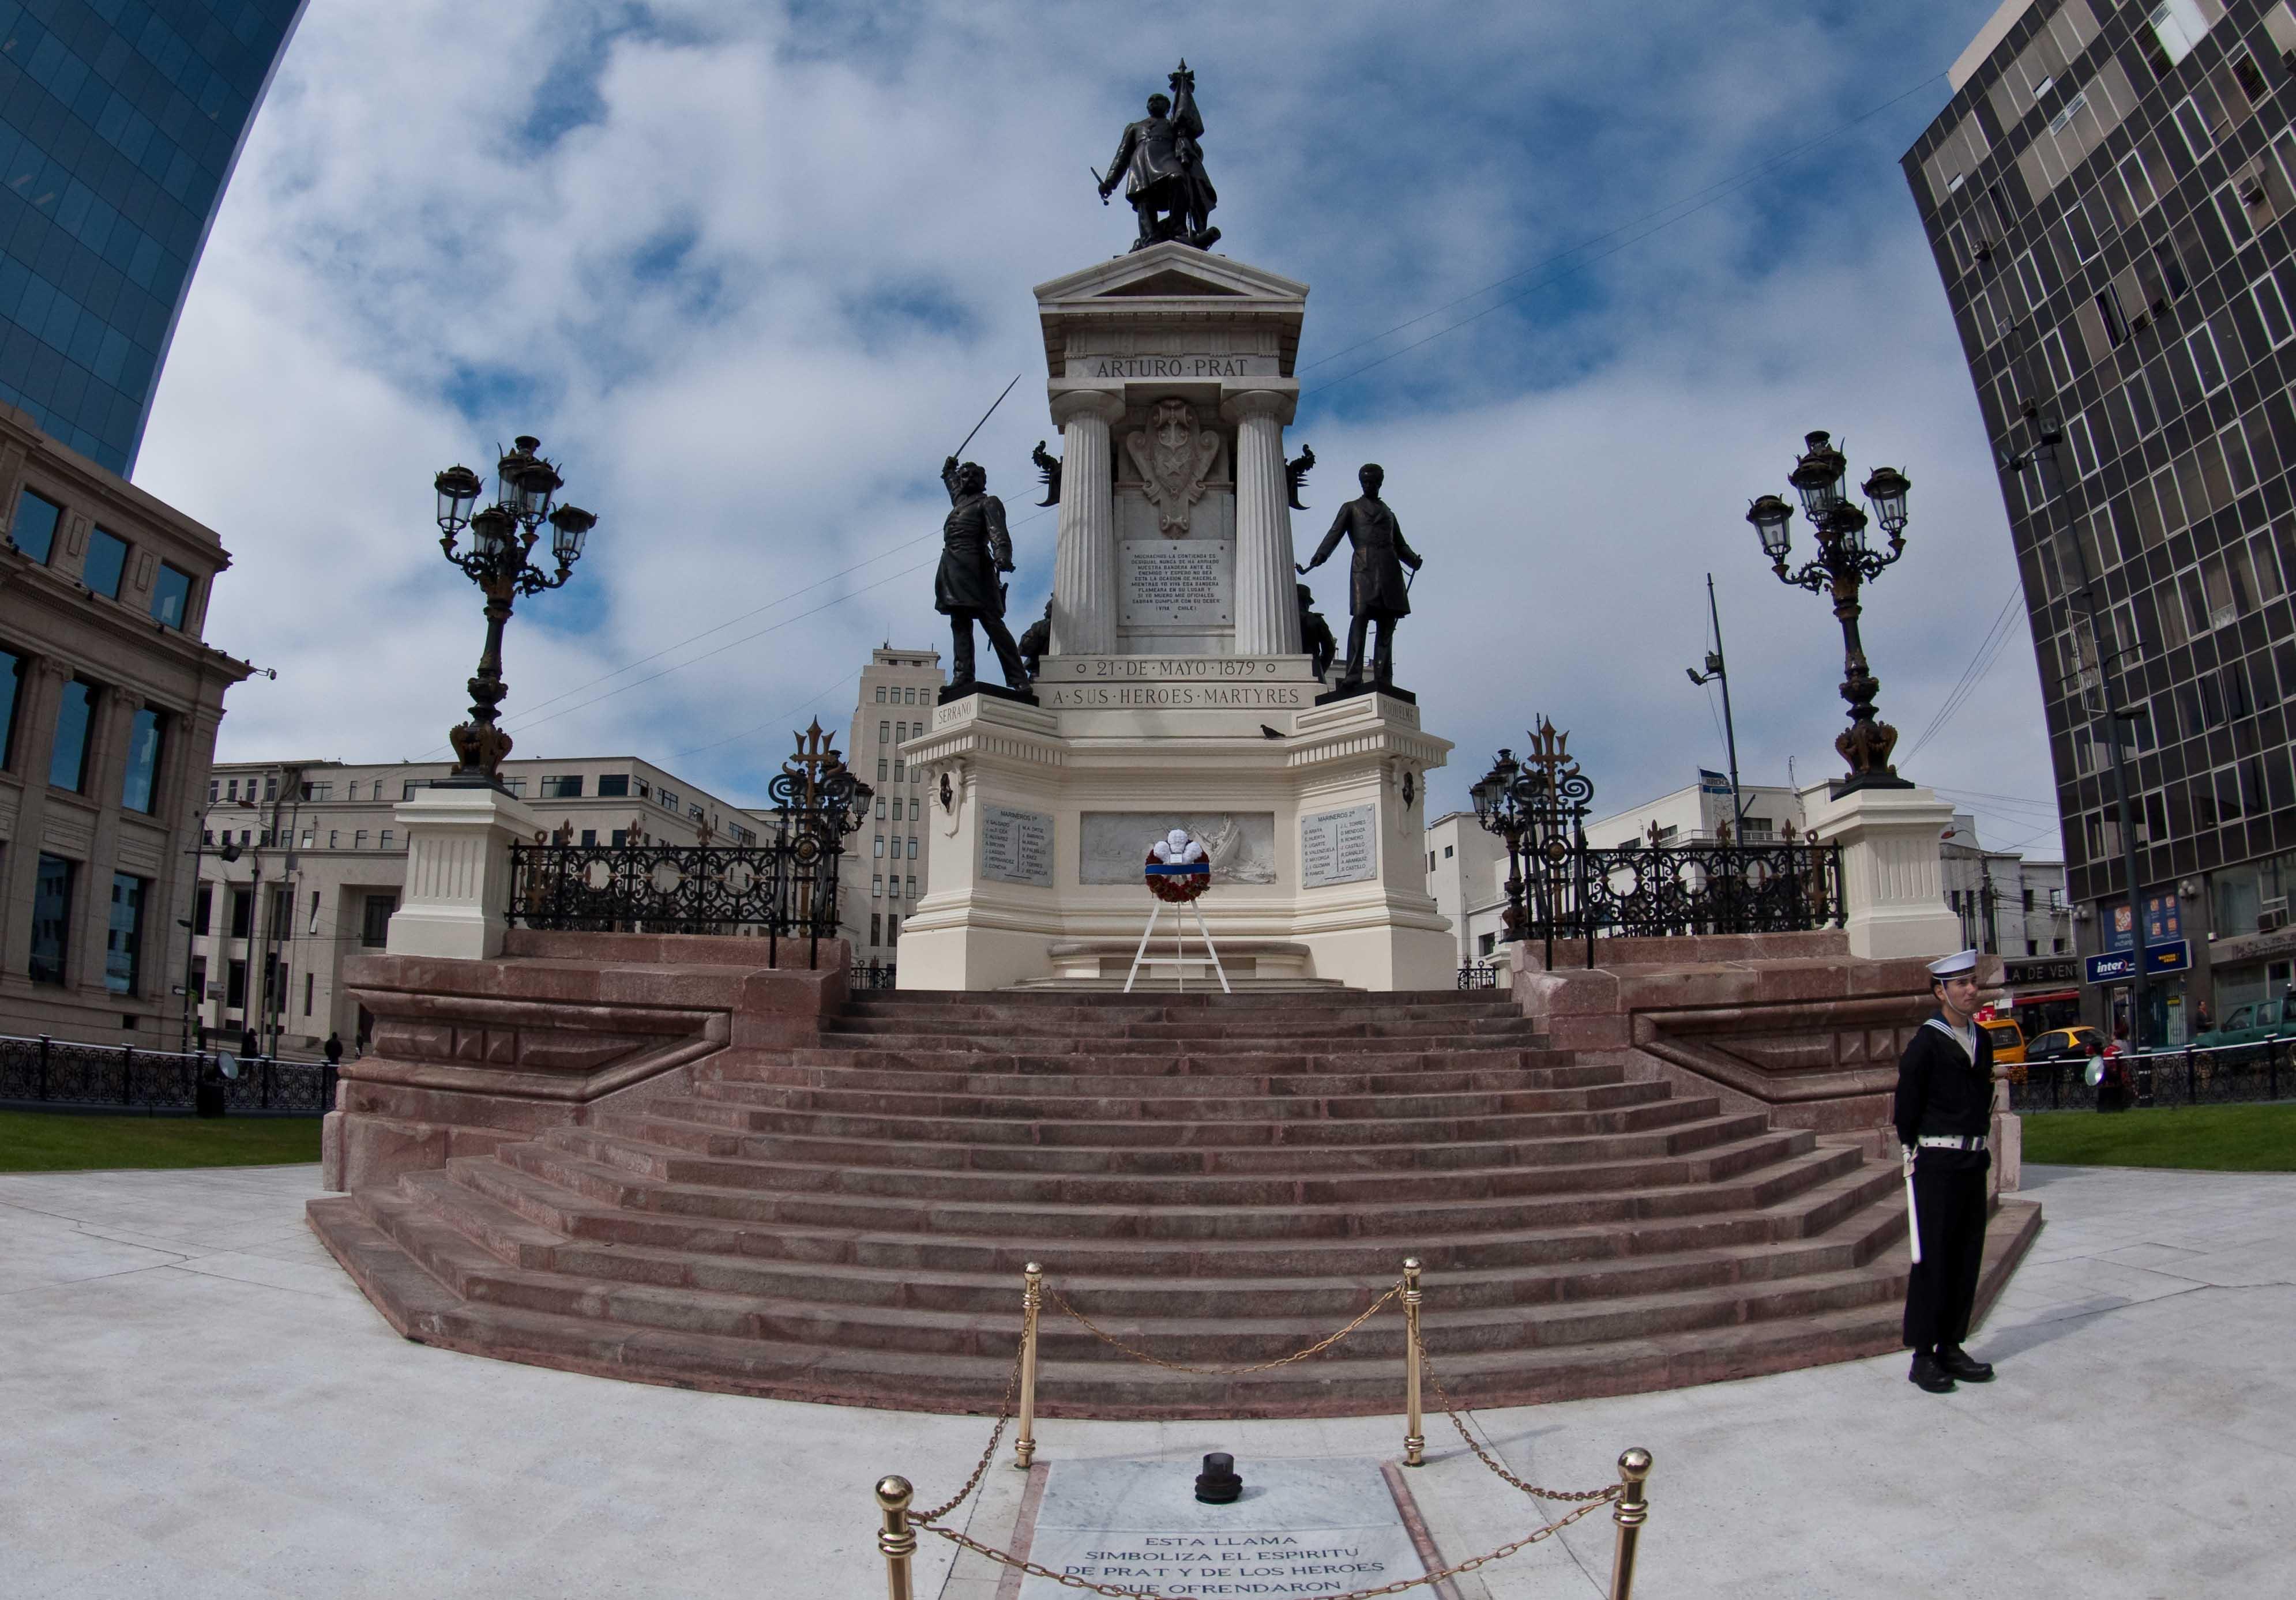 Prat Monument in Valparaiso